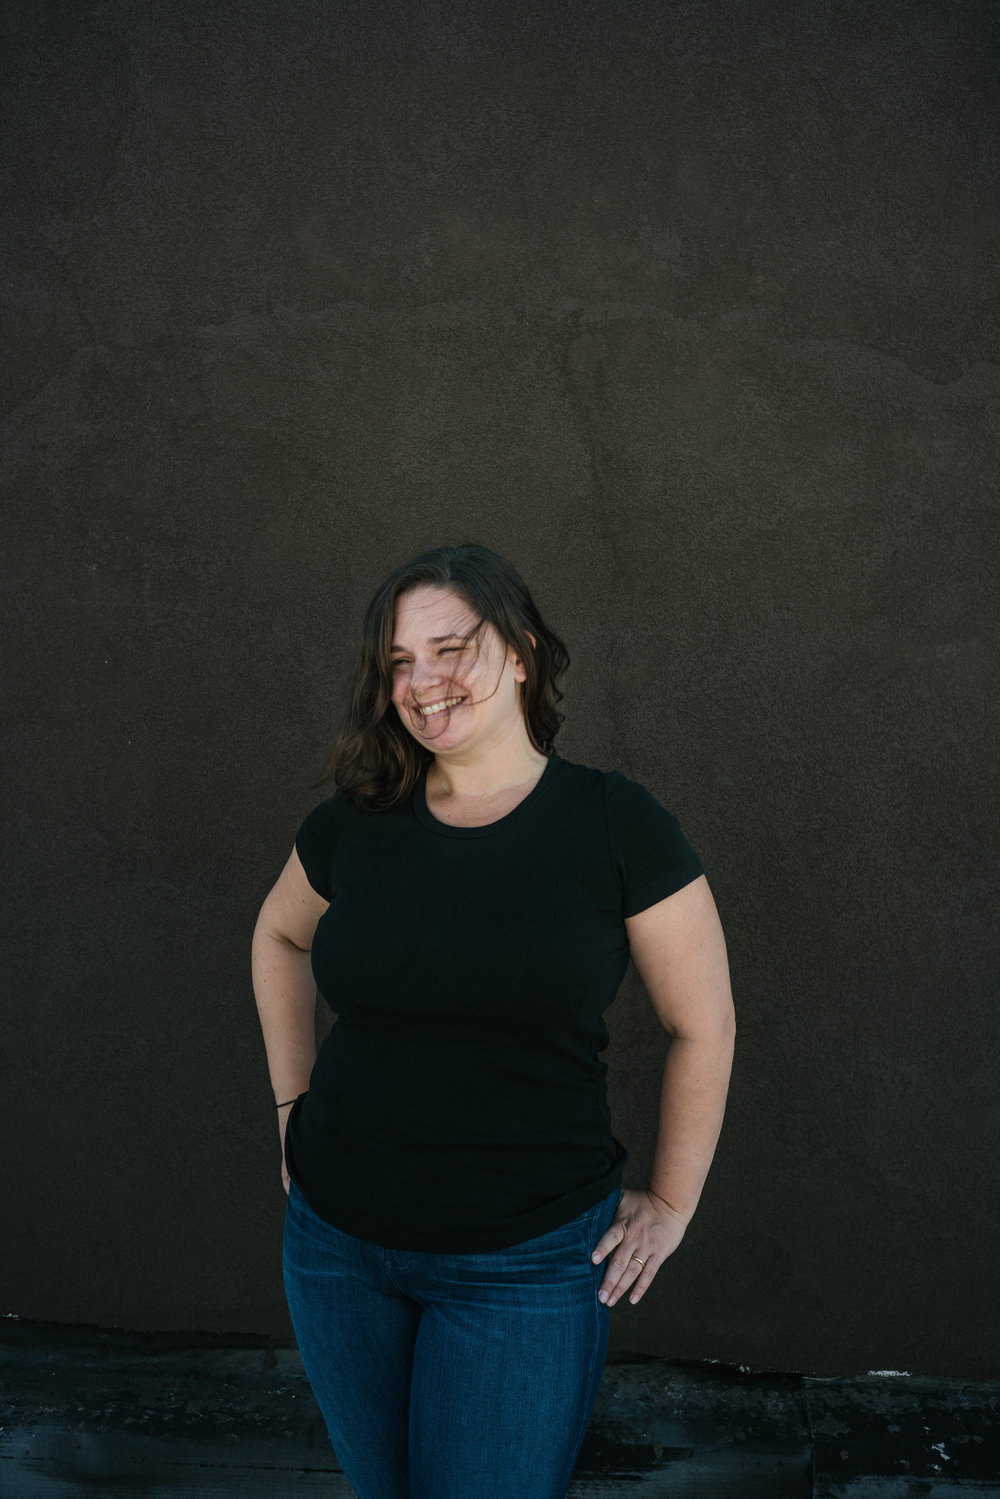 Corey Torpie, Photographer